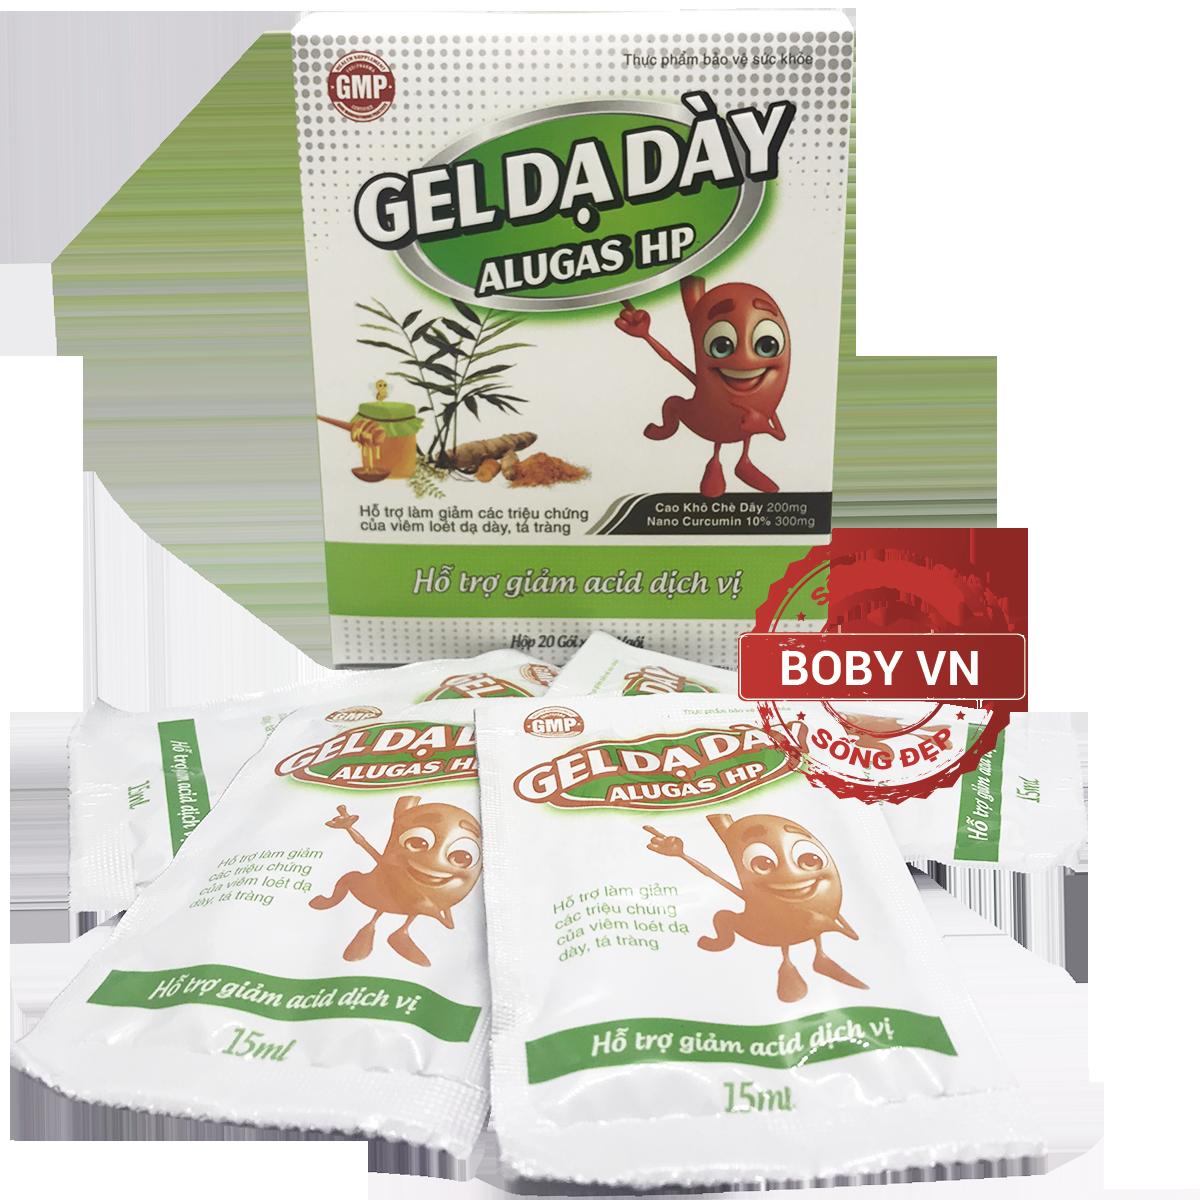 Gel Dạ Dày AlugasHp - Hỗ trợ giảm acid dịch vị